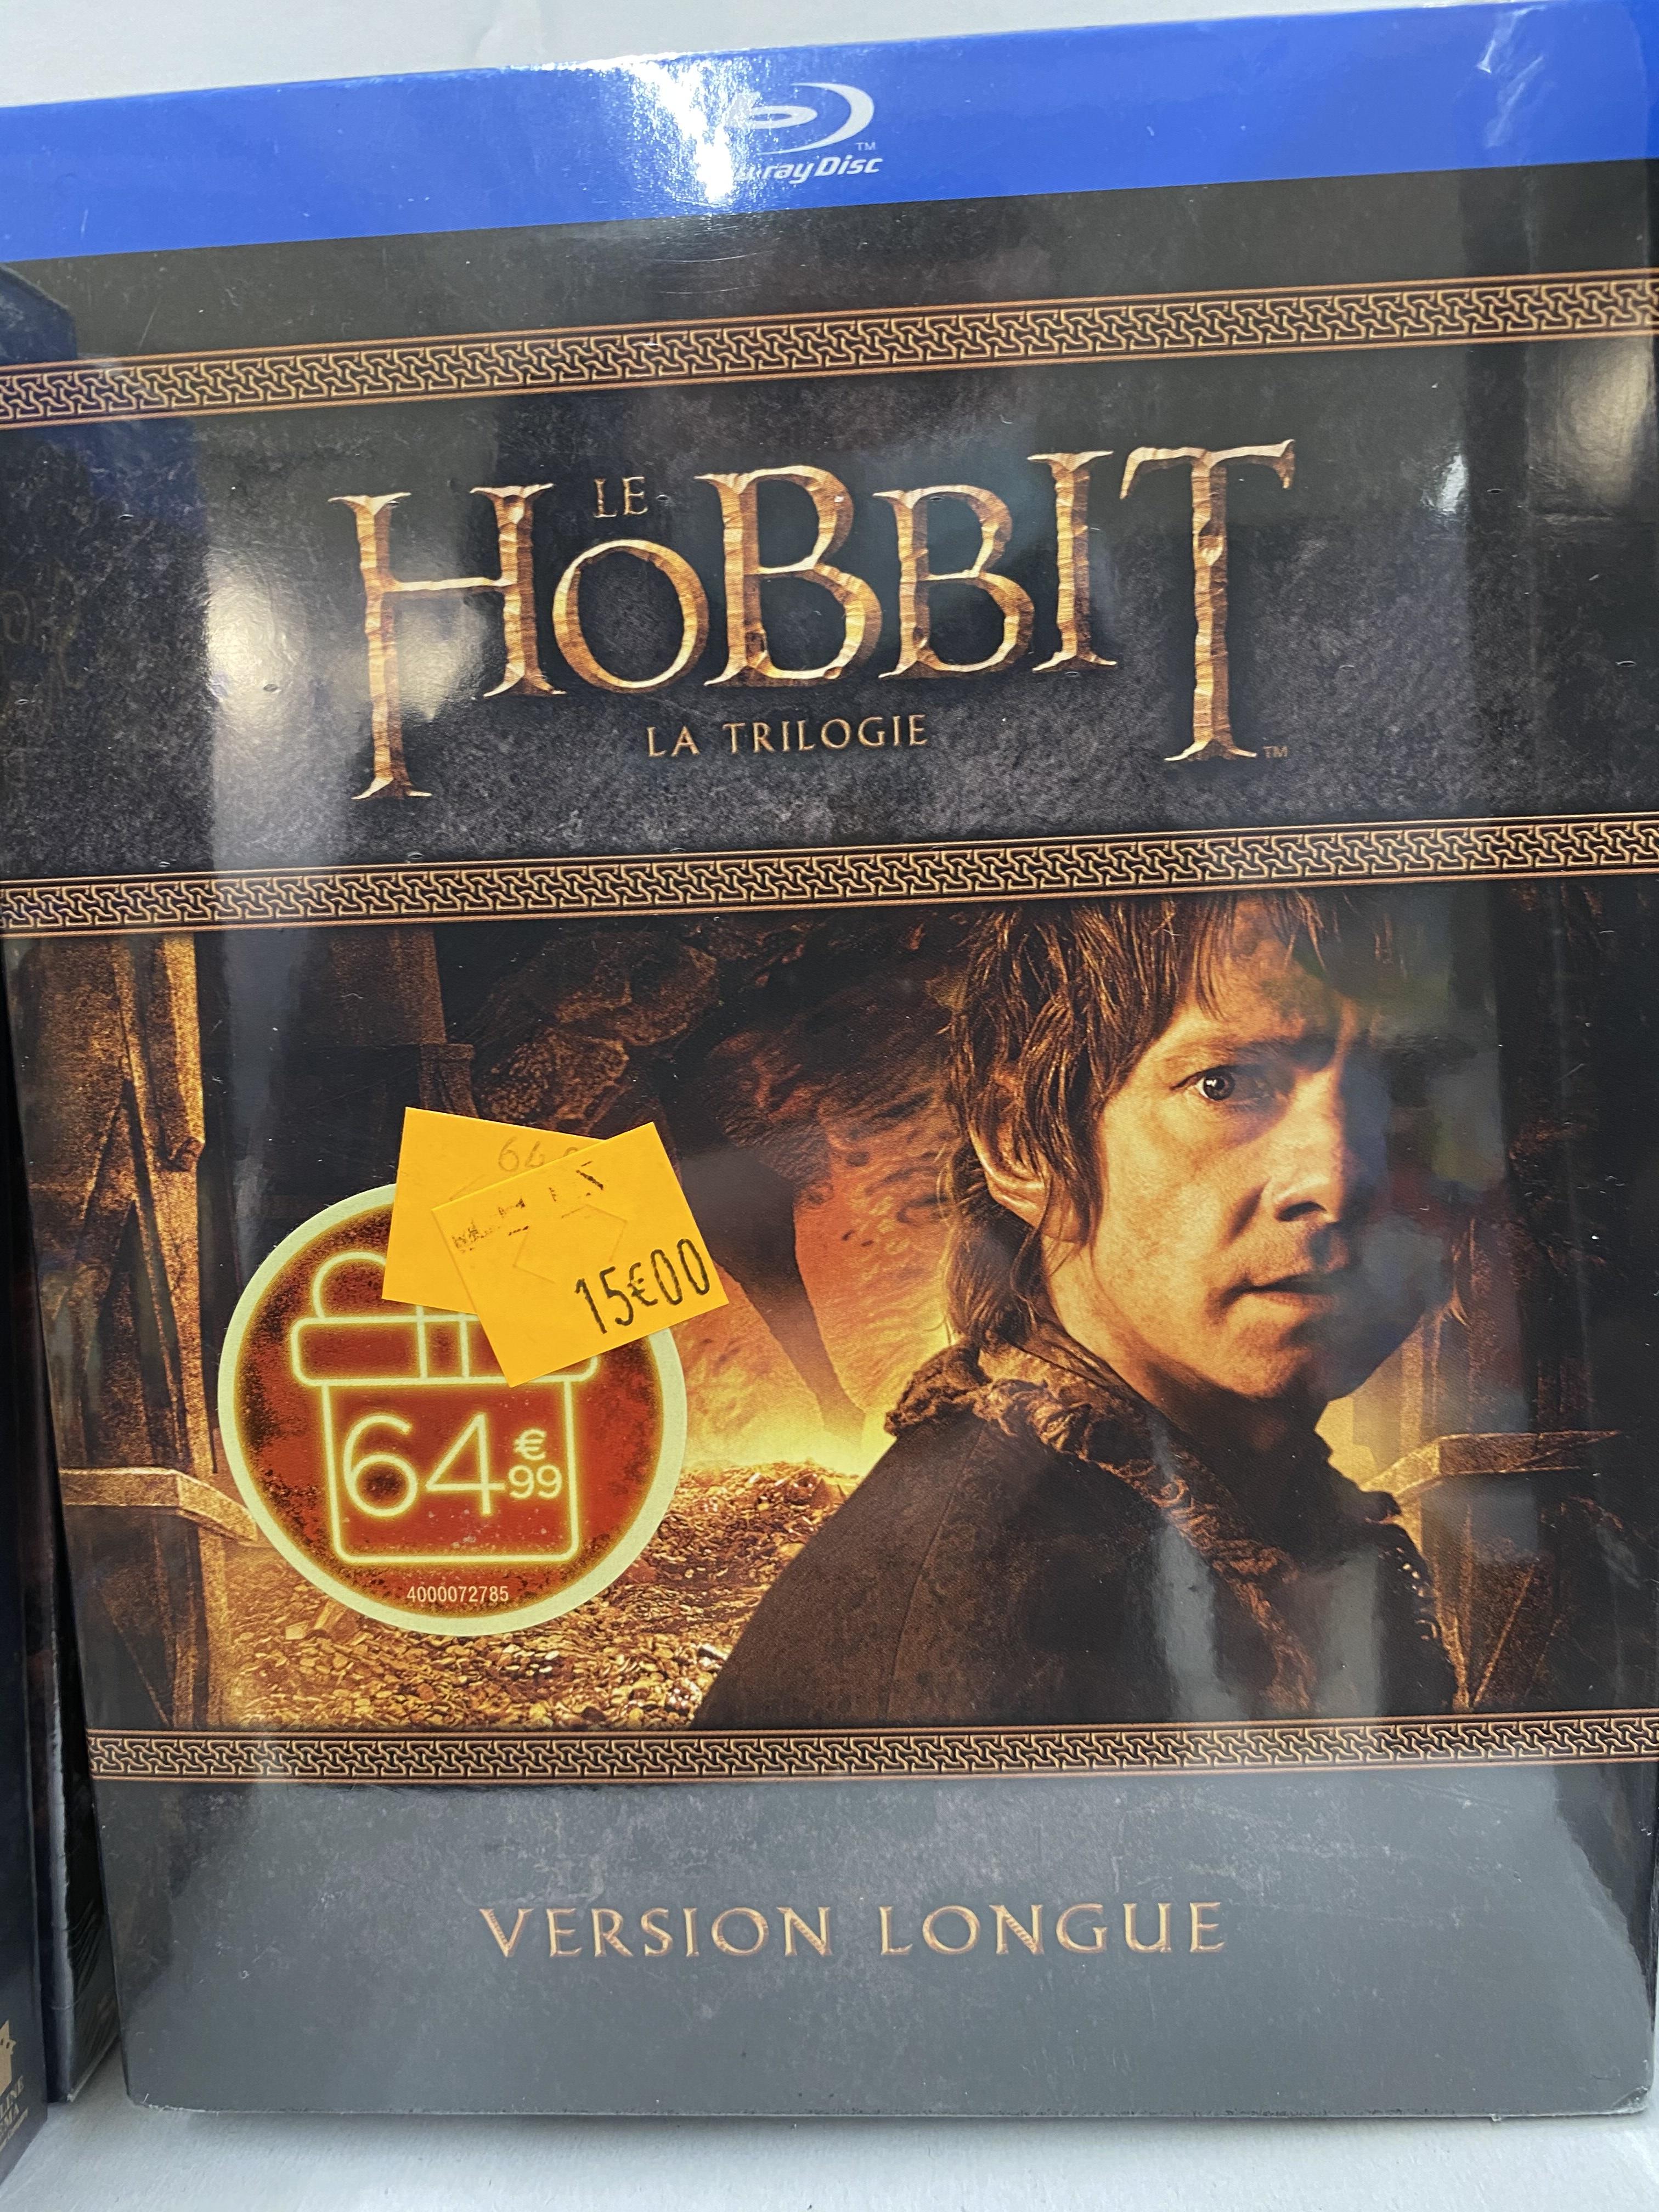 Coffret Blu-Ray Le Hobbit - La Trilogie (Version Longue) - Montesson (78)